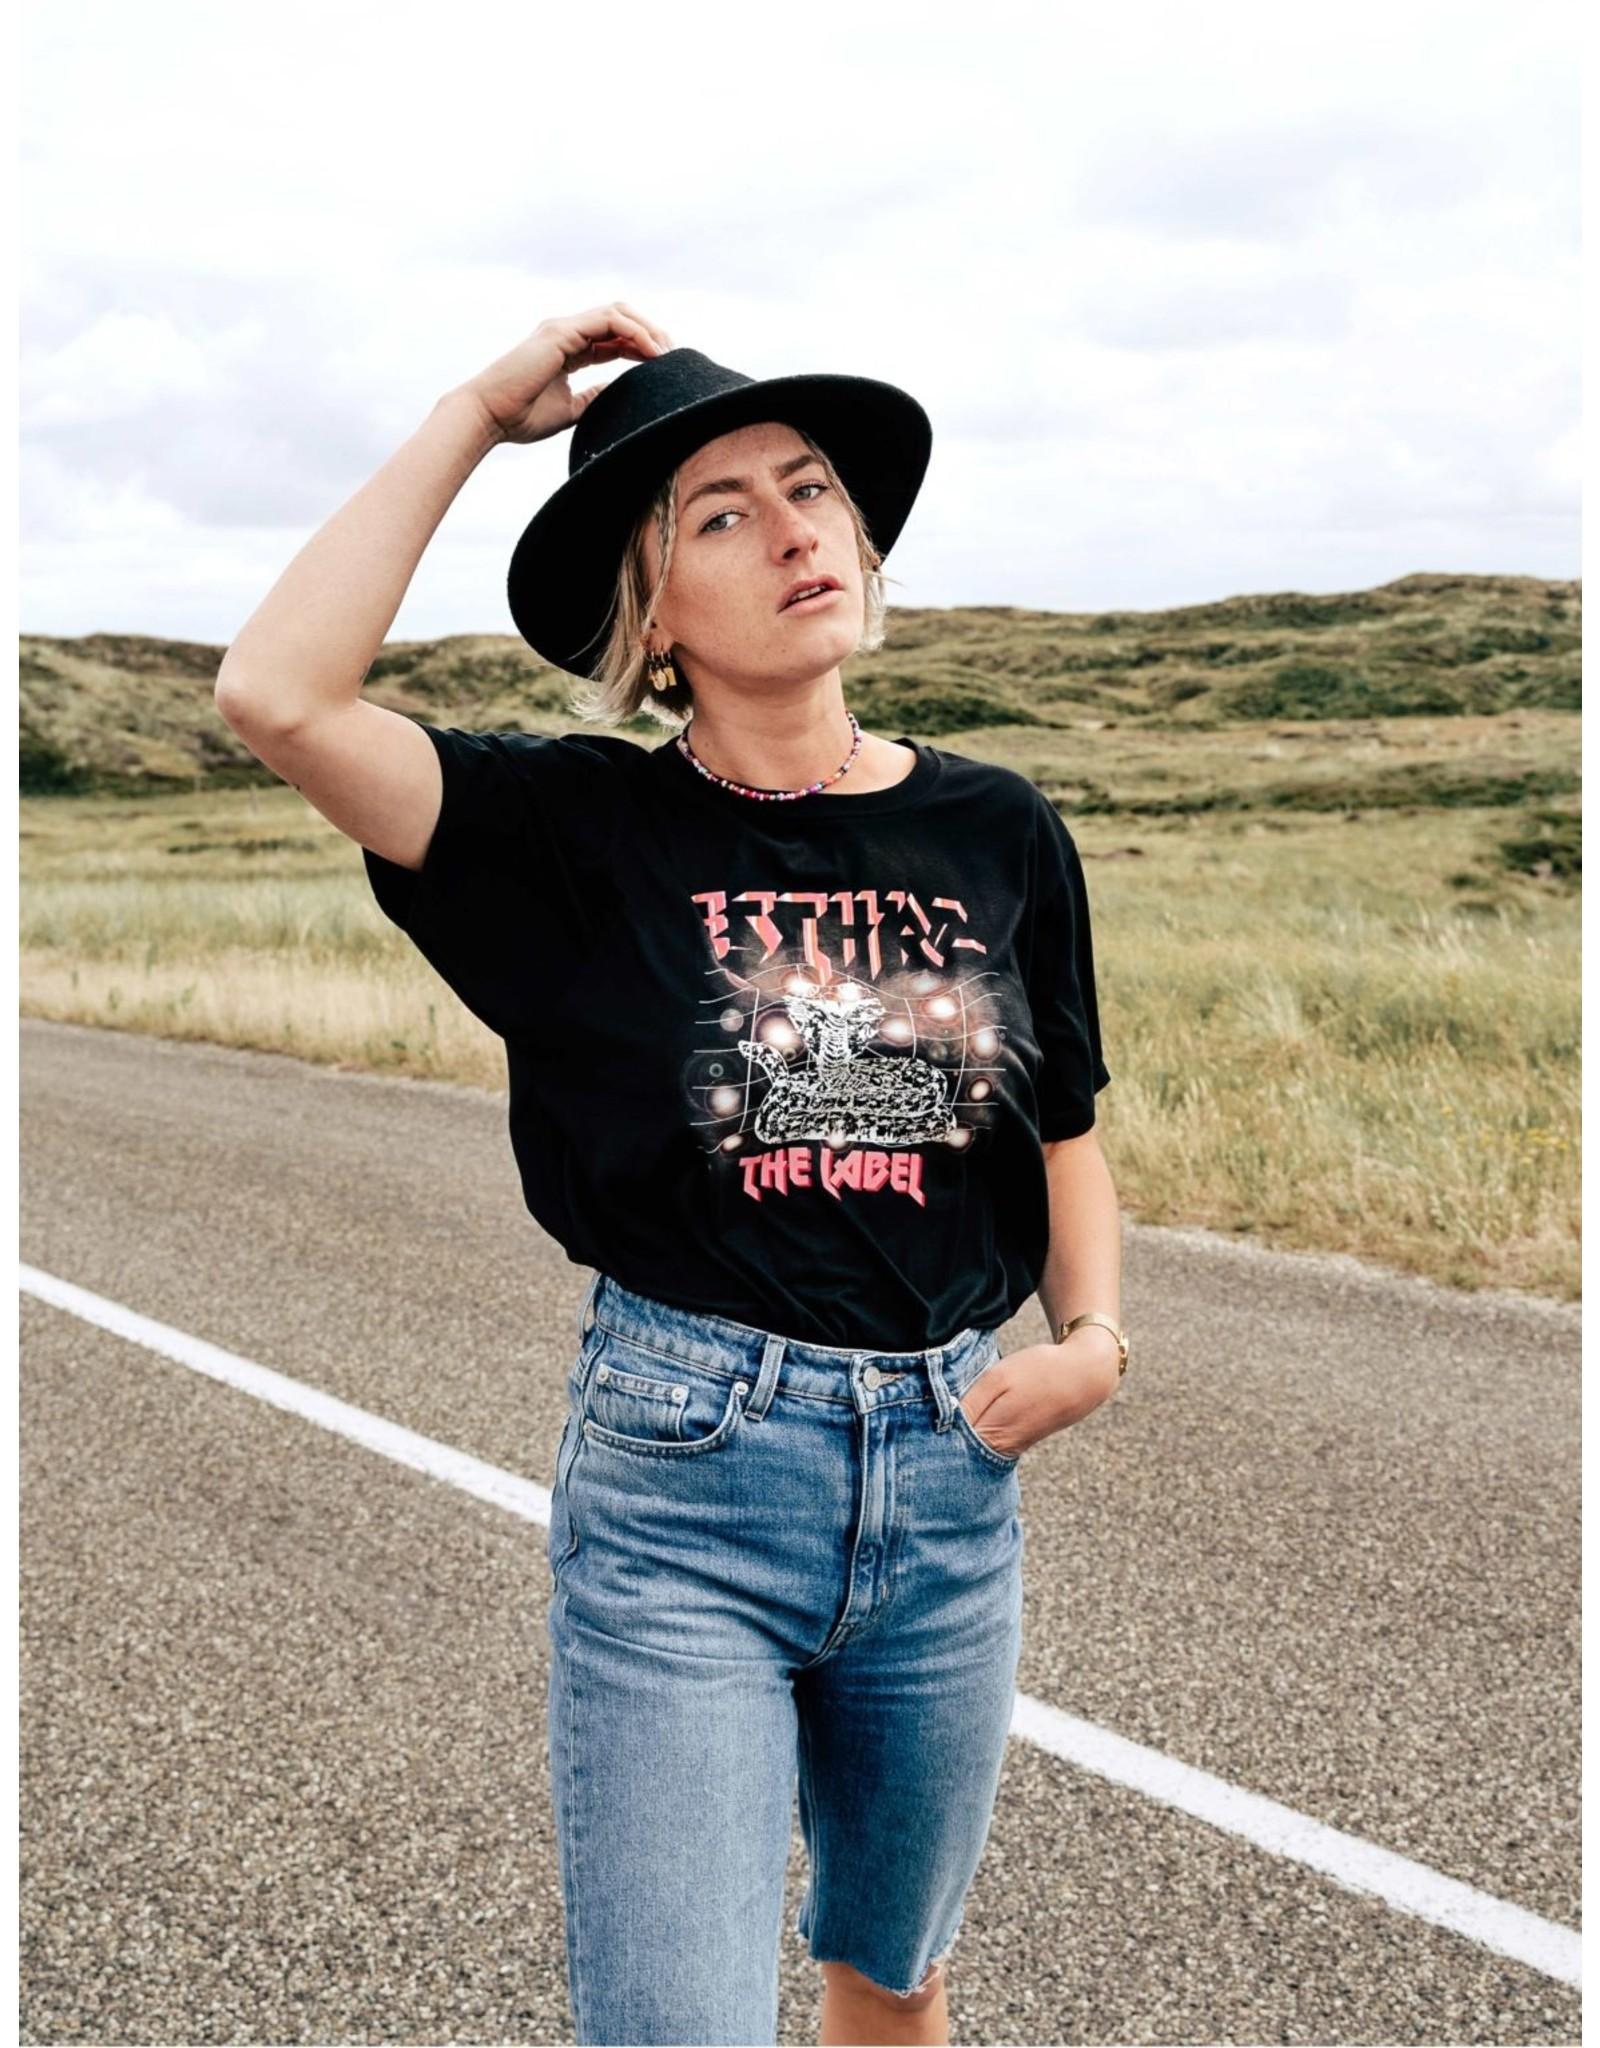 Esthrz Esthrz Pink Snake T-shirt - Black